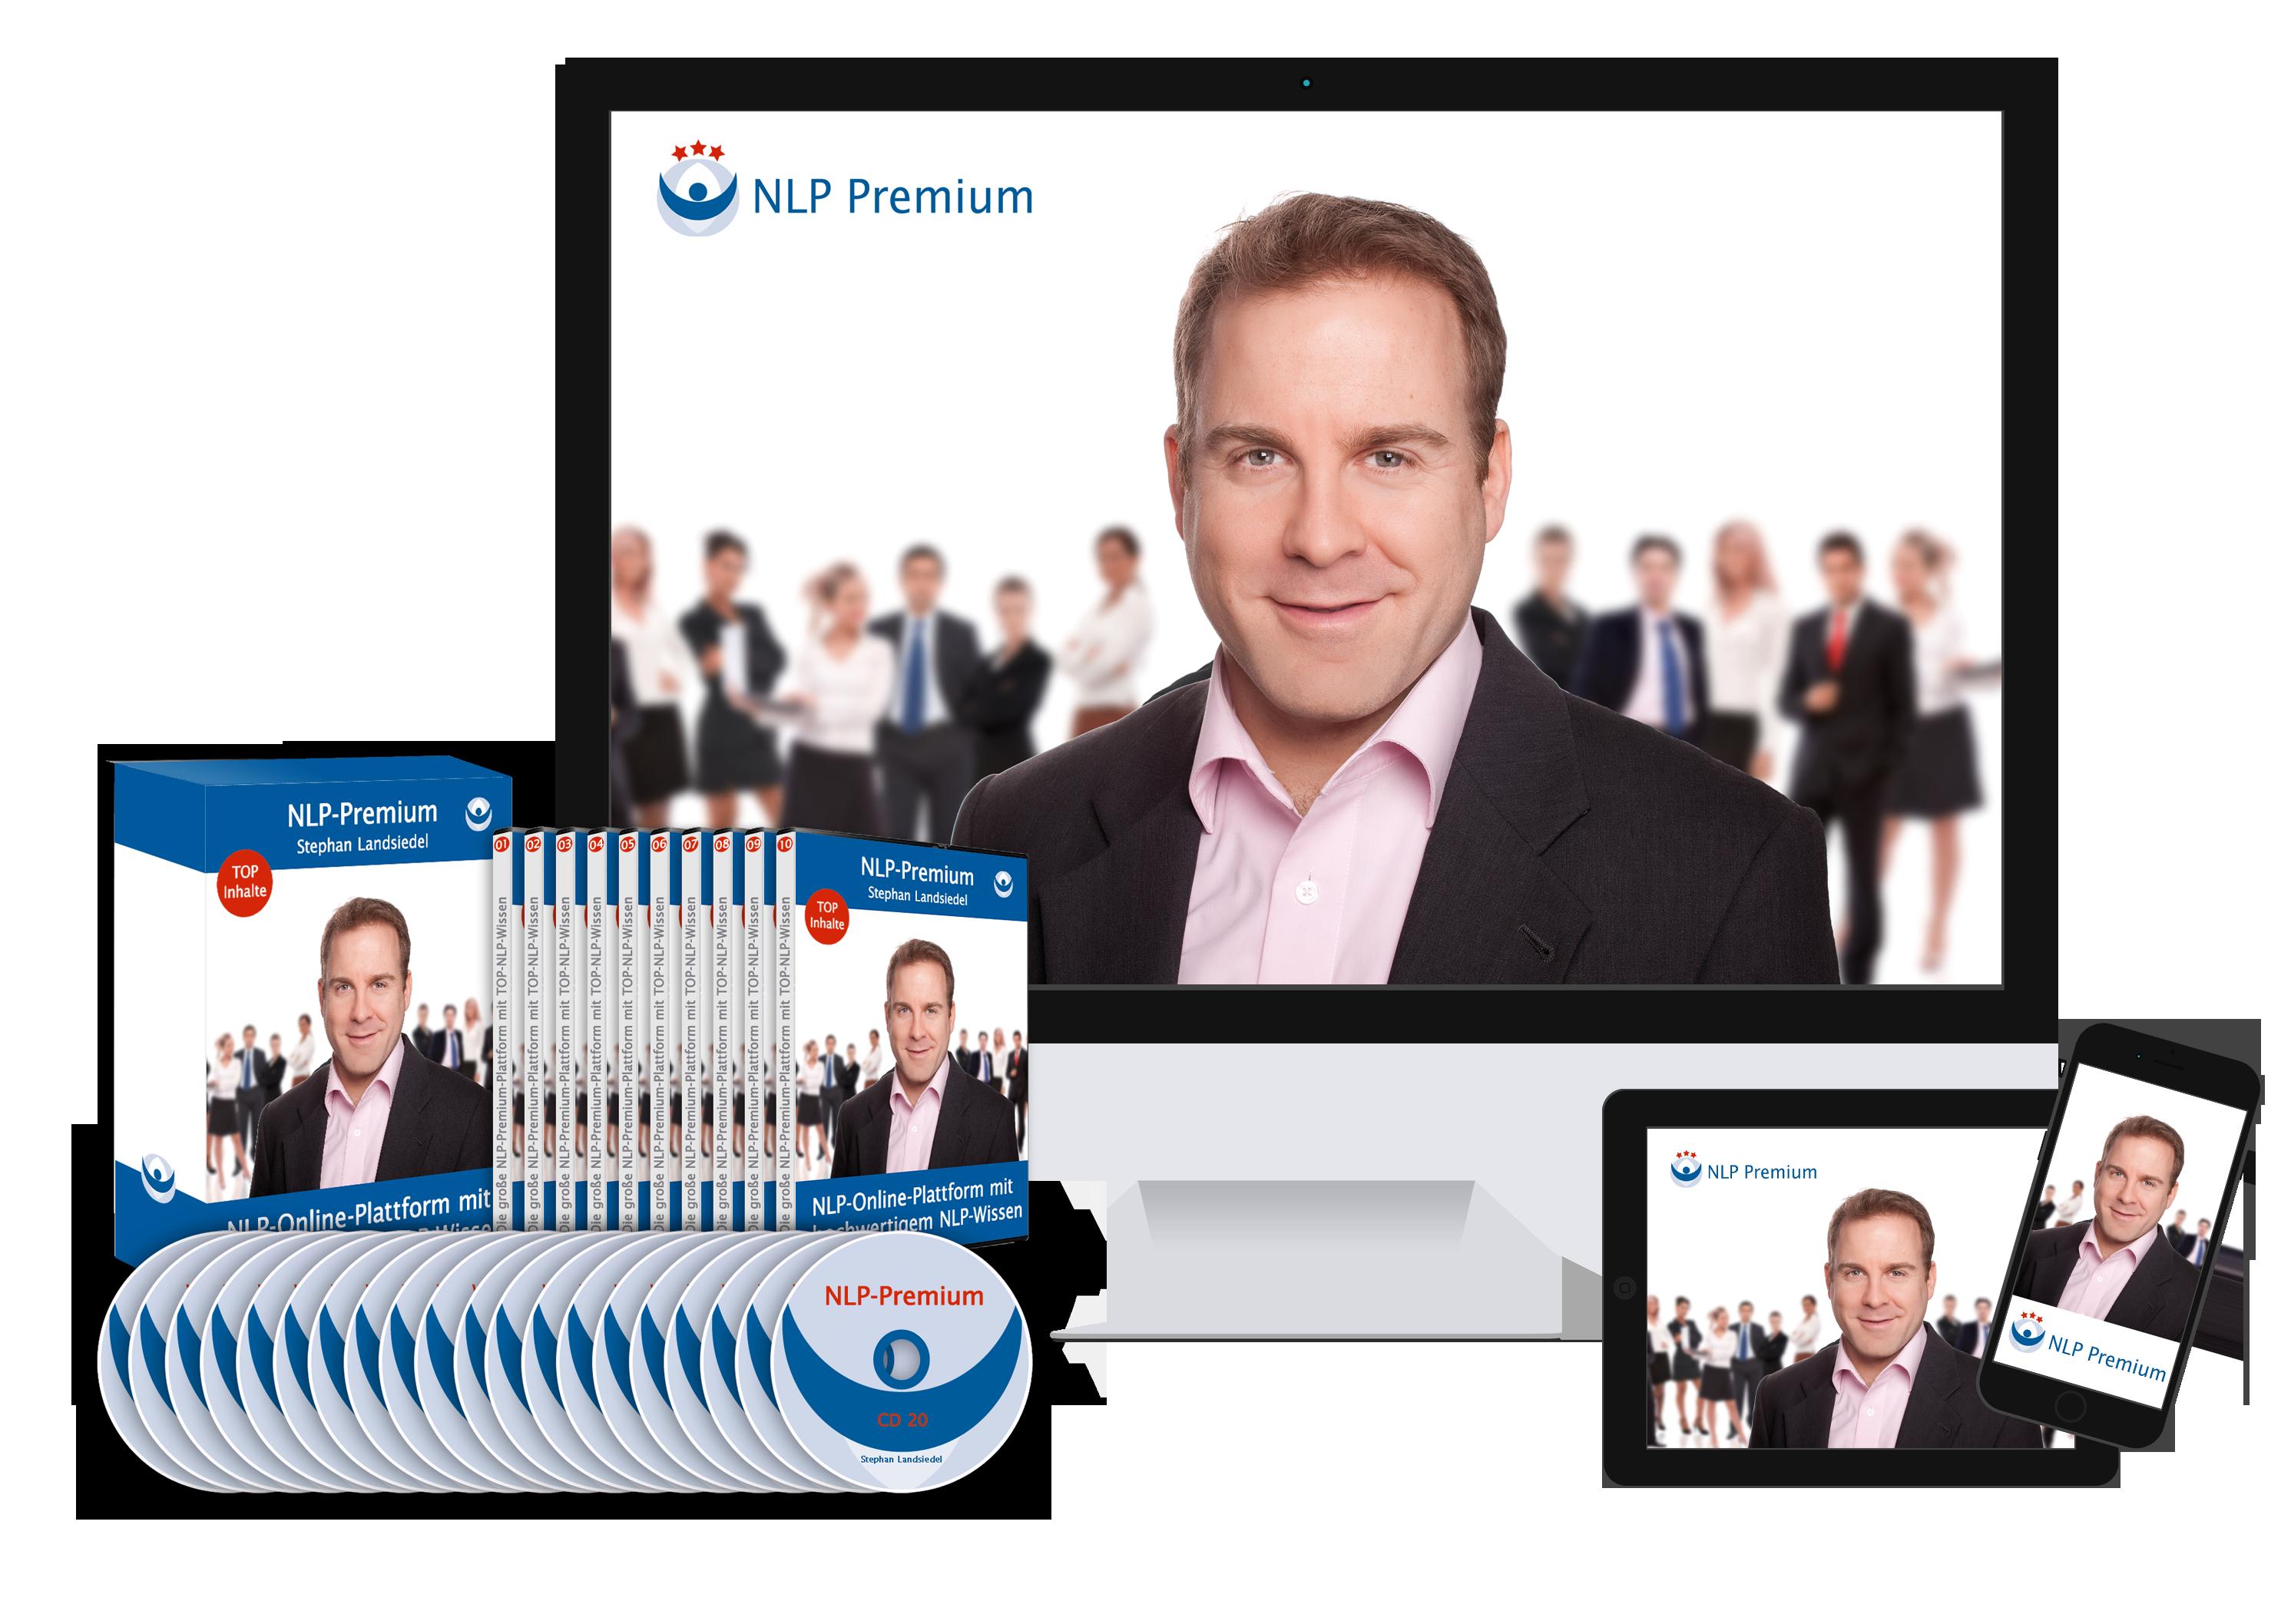 NLP-Premium